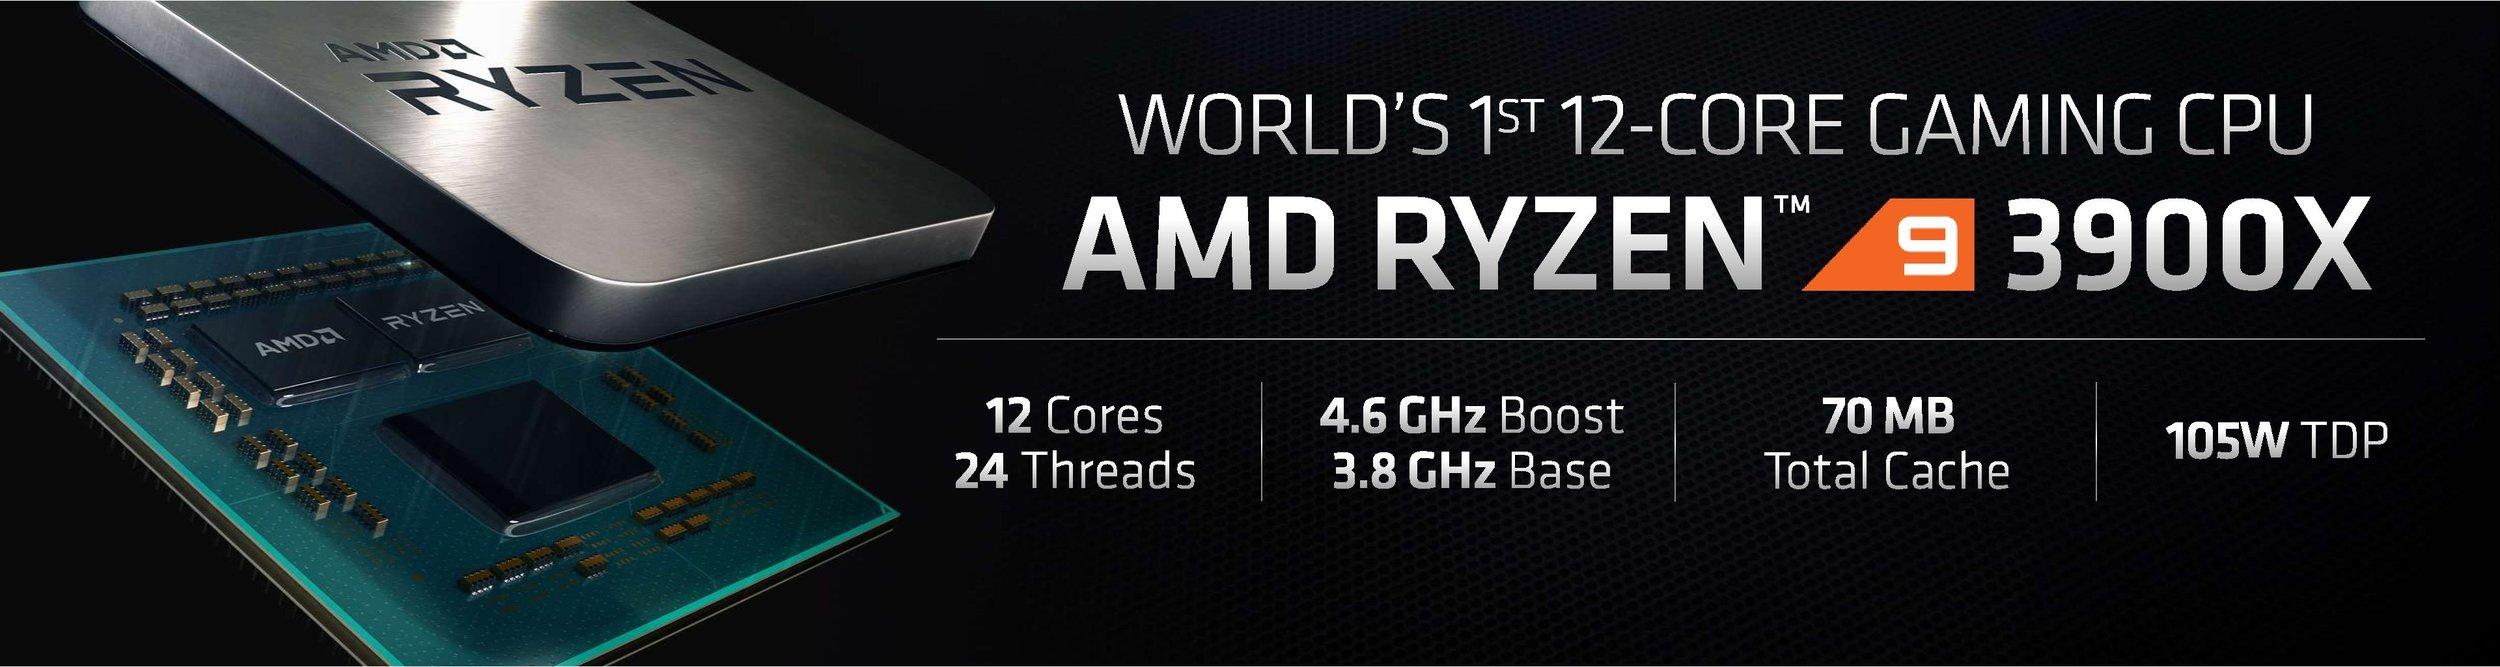 AMD-Ryzen-3900X-2.jpg